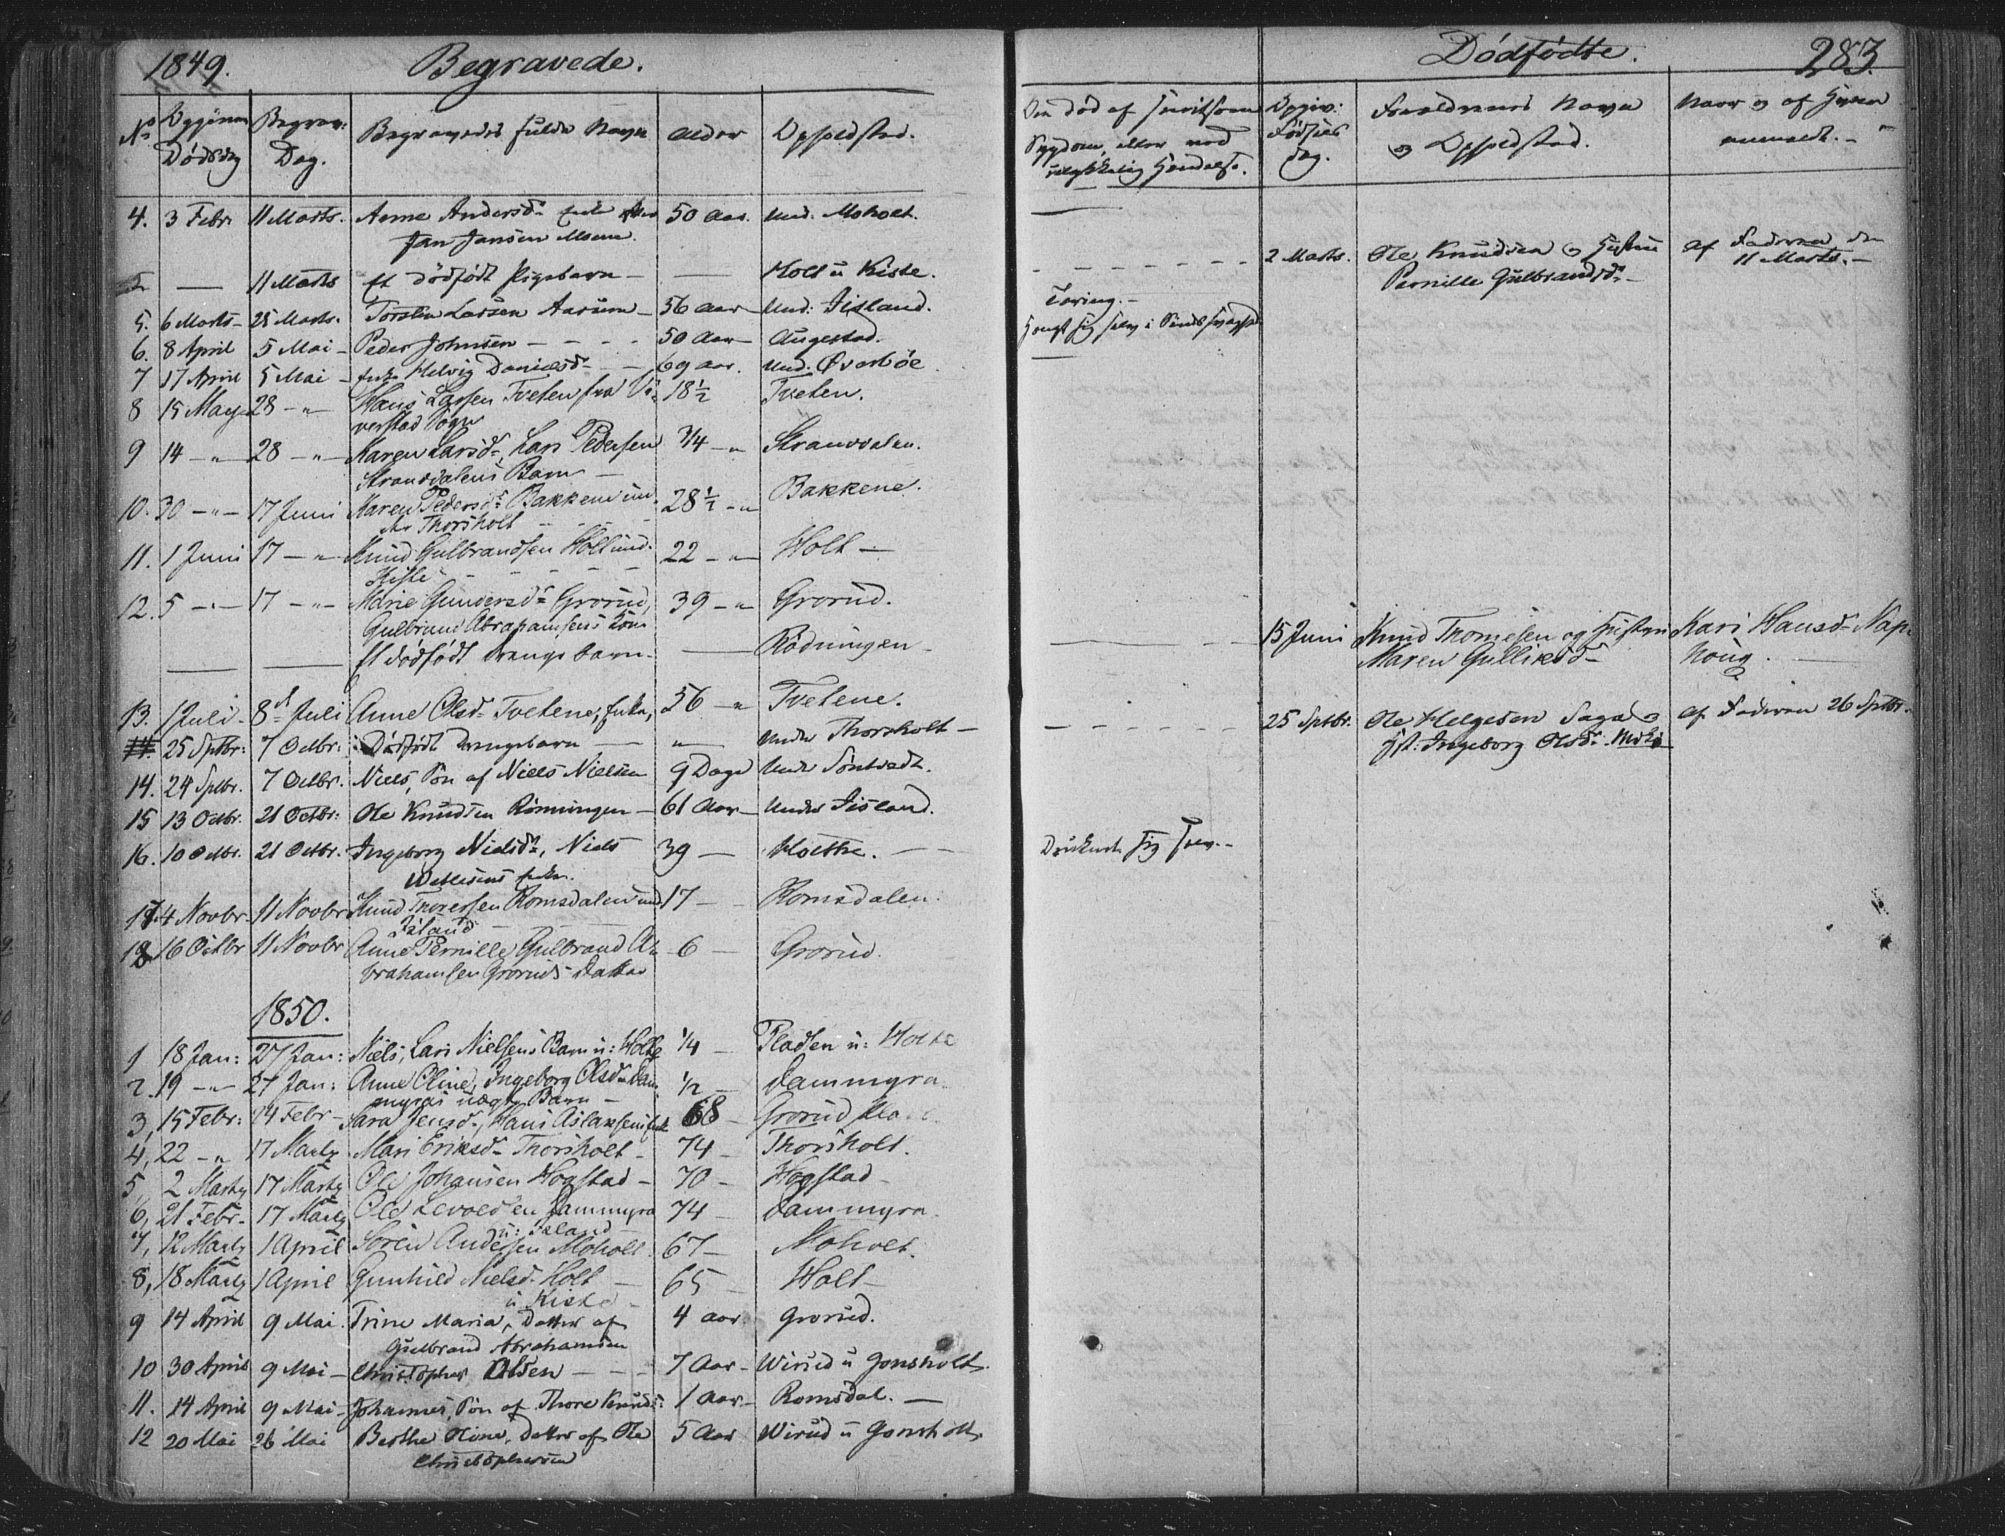 SAKO, Siljan kirkebøker, F/Fa/L0001: Ministerialbok nr. 1, 1831-1870, s. 283